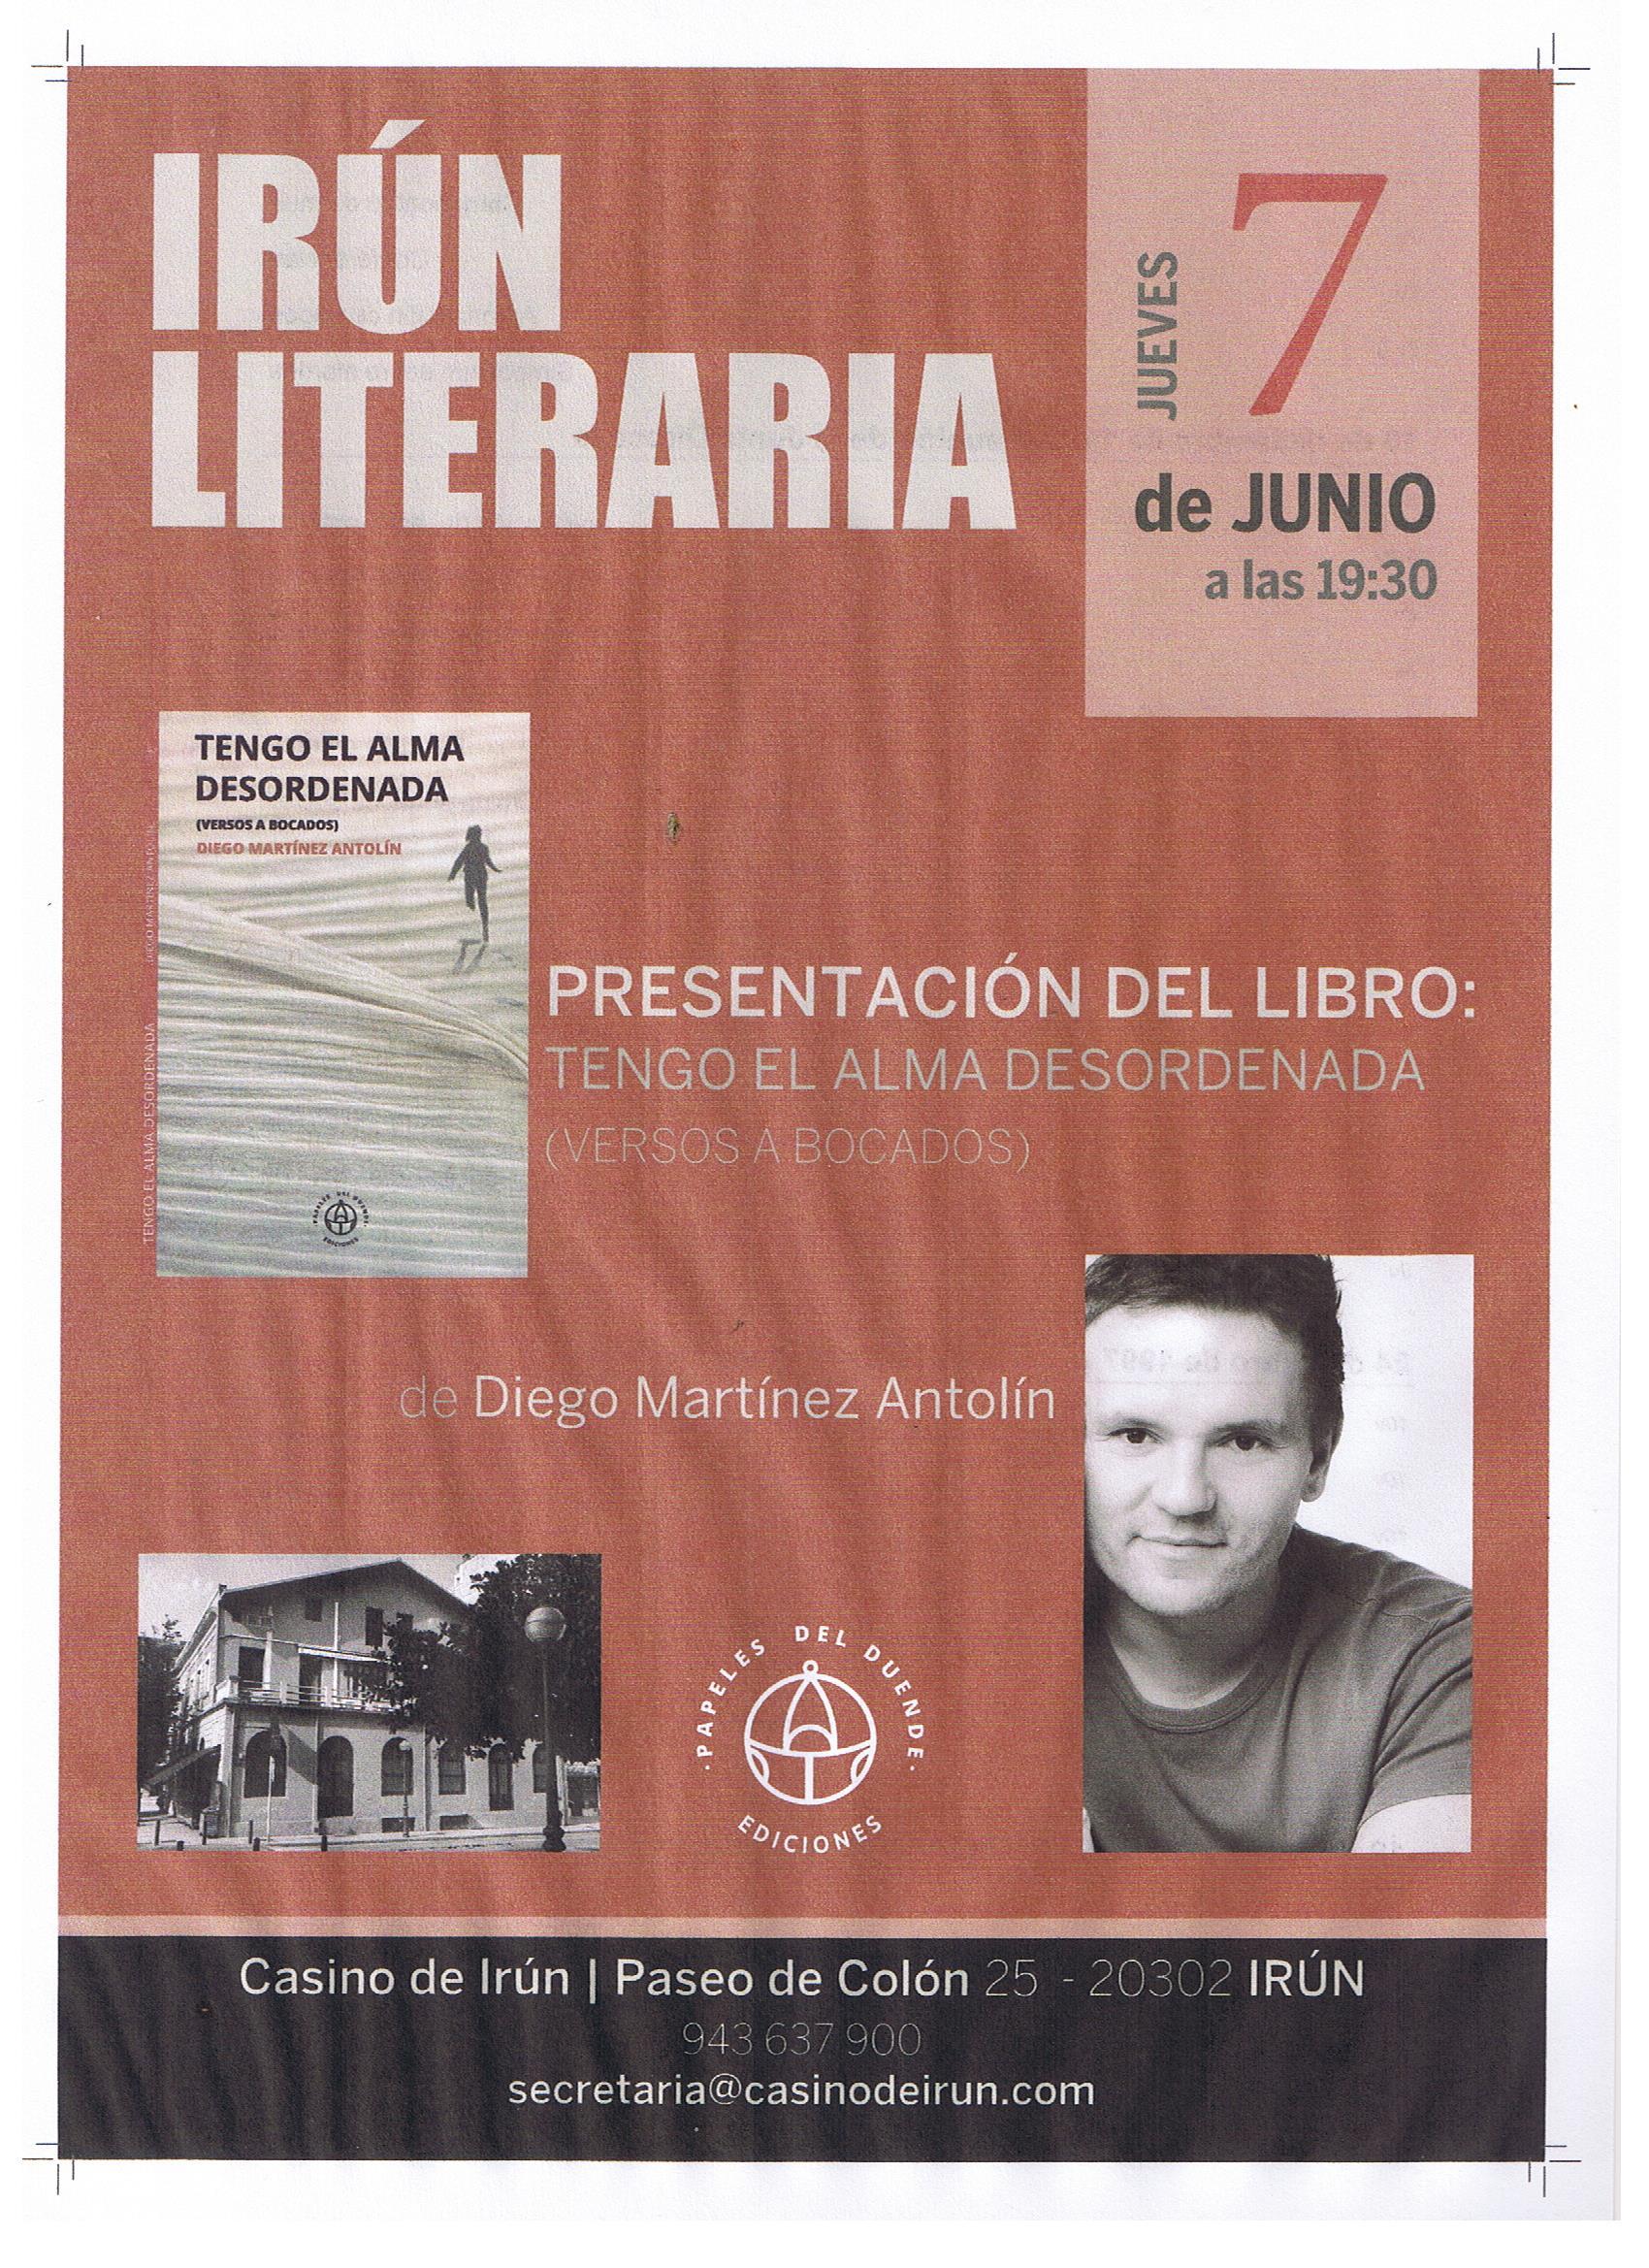 PRESENTACIÓN LIBRO DE DIEGO MARTÍNEZ